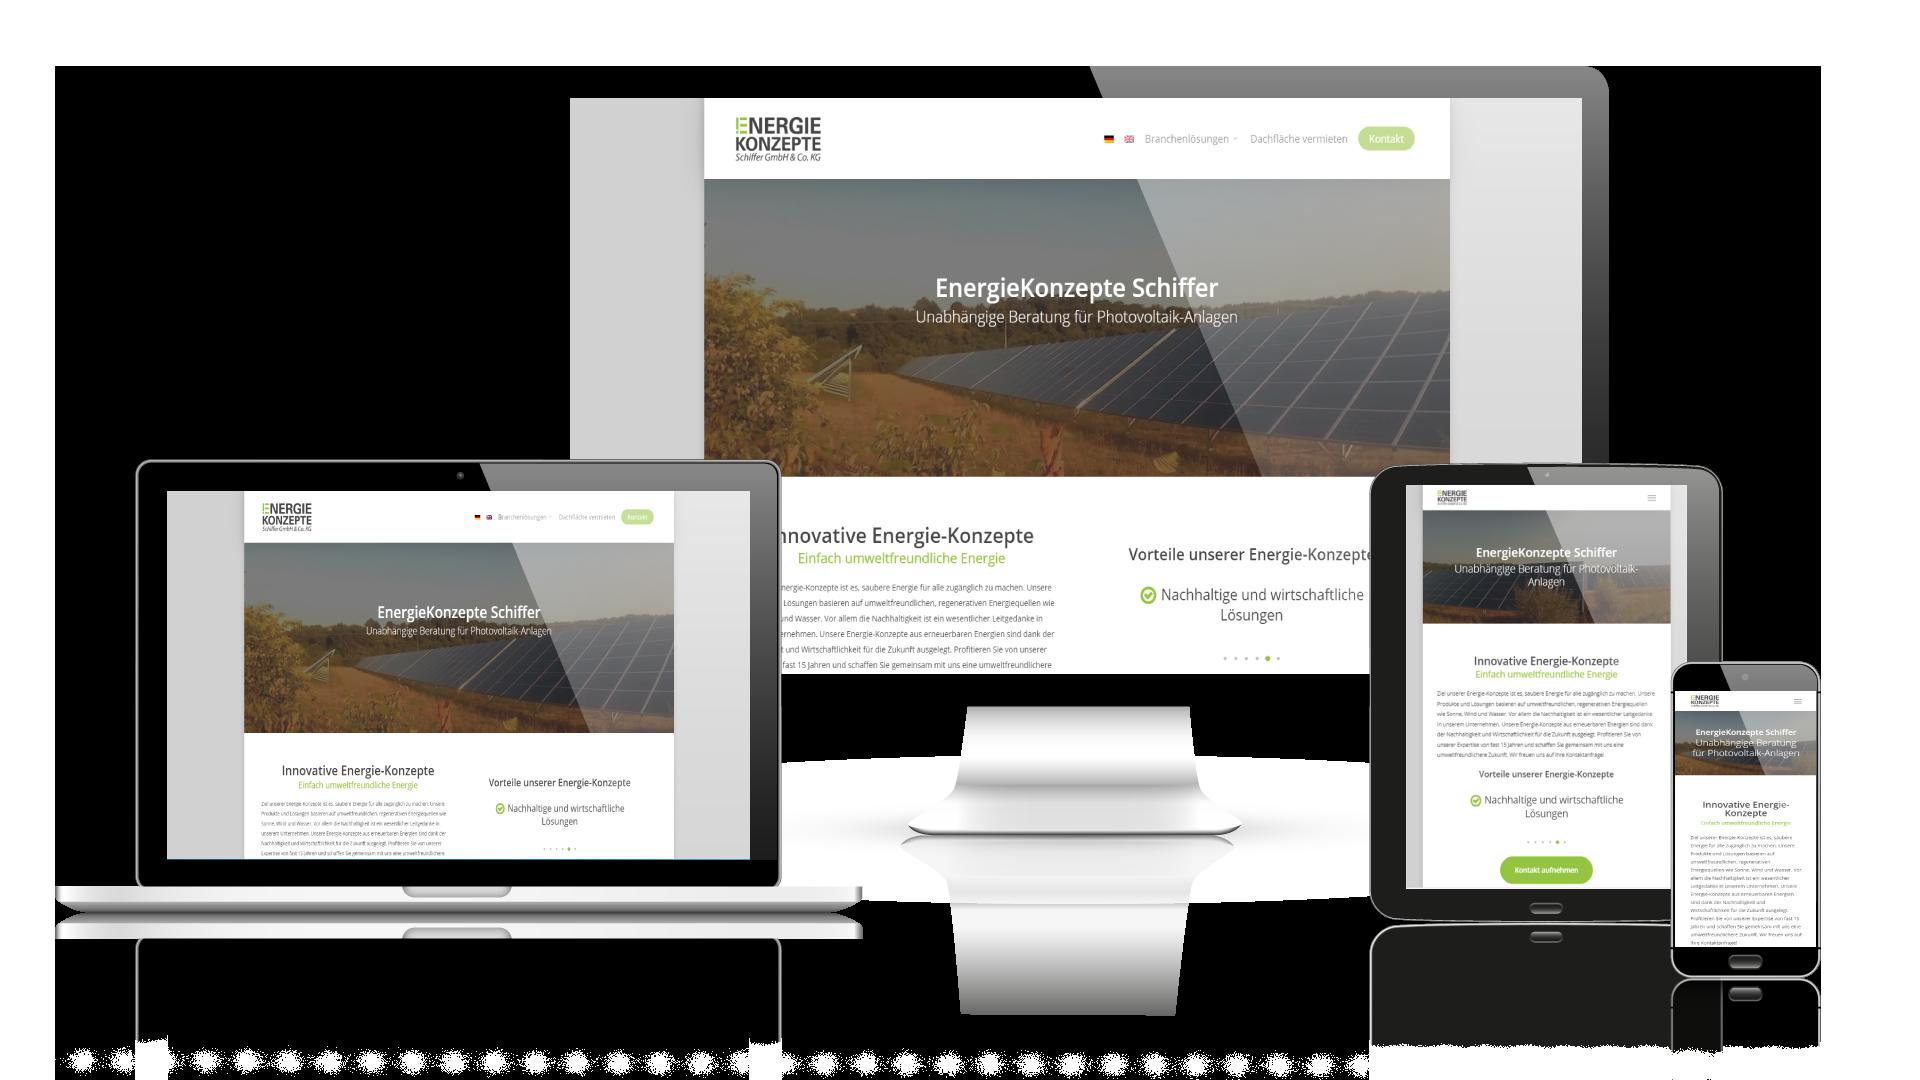 Webdesign Referenz Werkzeugbau EnergieKonzepte Schiffer